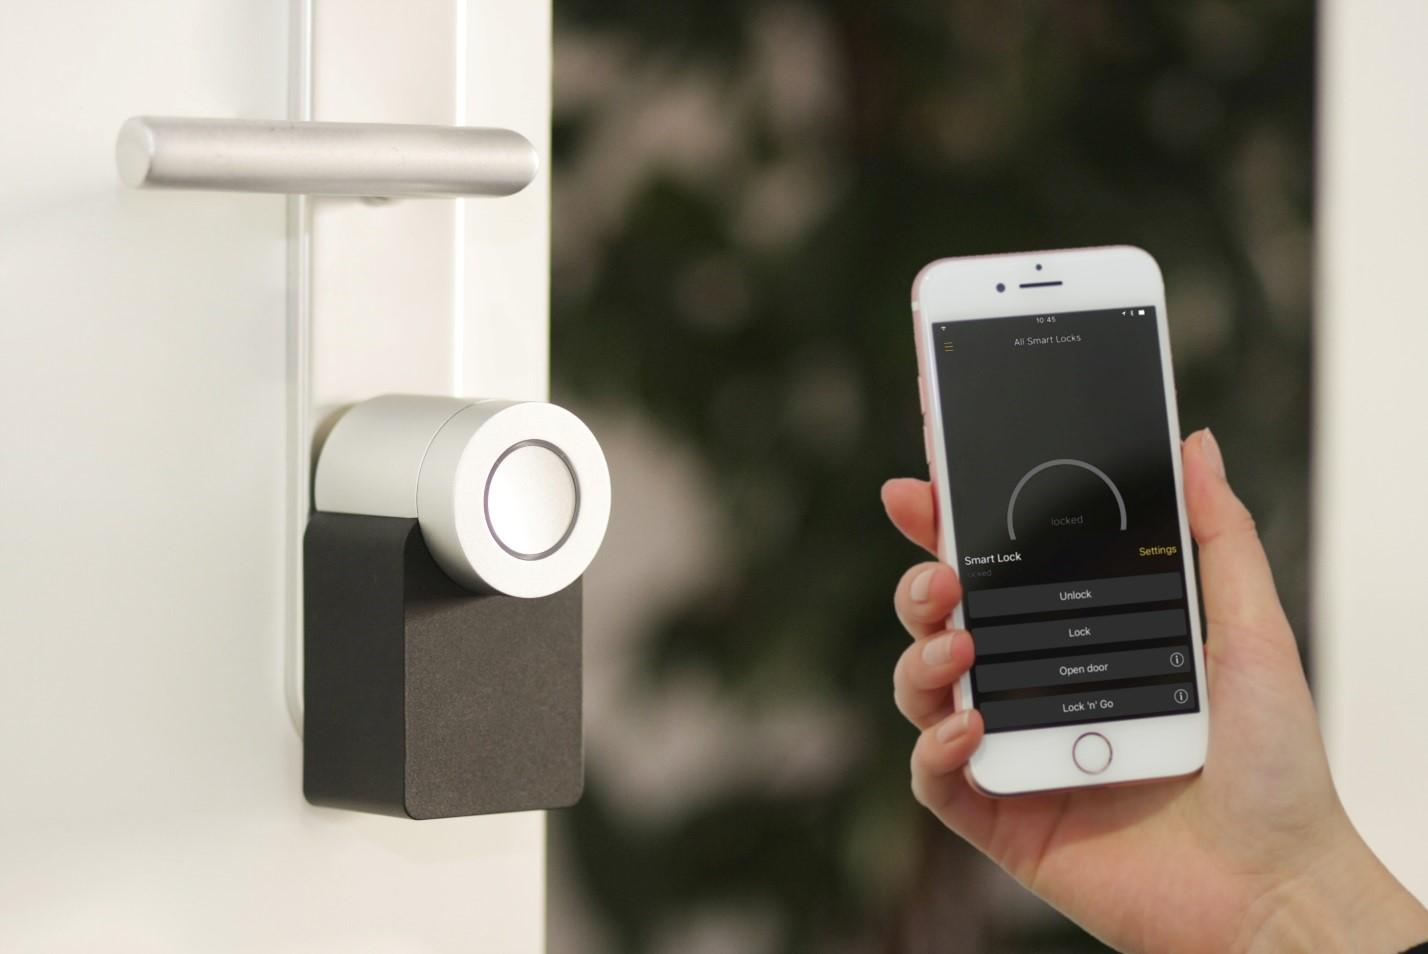 IoT smart speaker safety tips